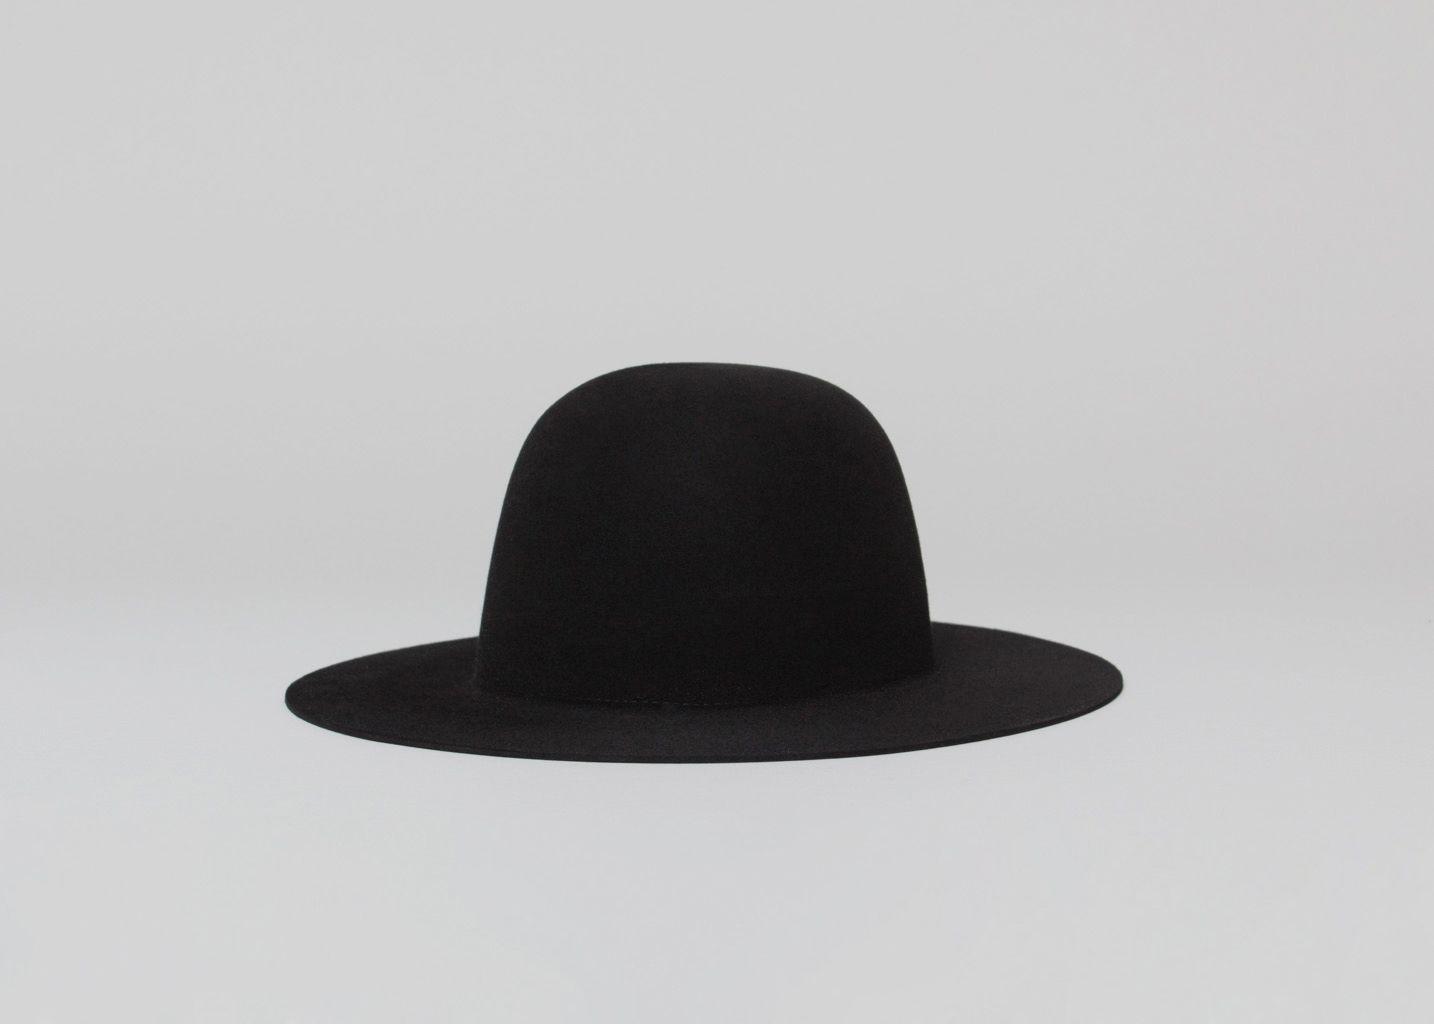 Chapeau Sesam - Etudes